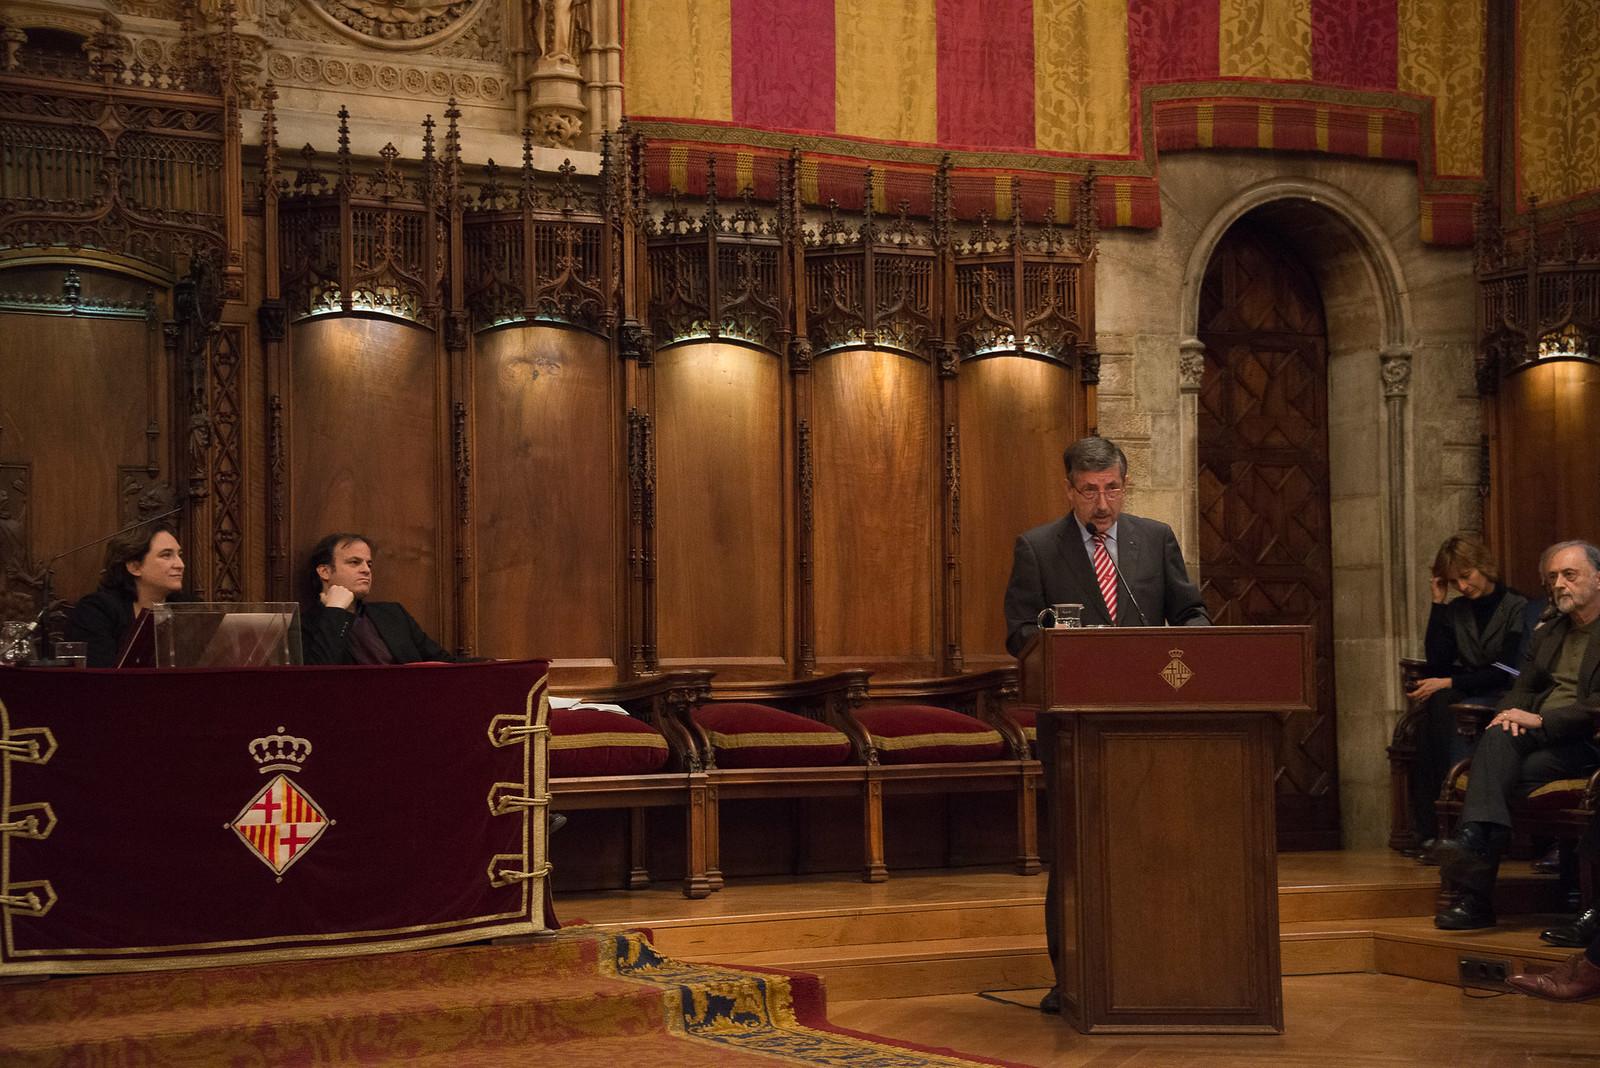 dv., 03/02/2017 - 11:42 - Presentació del 25è aniversari dels Jocs de Barcelona '92